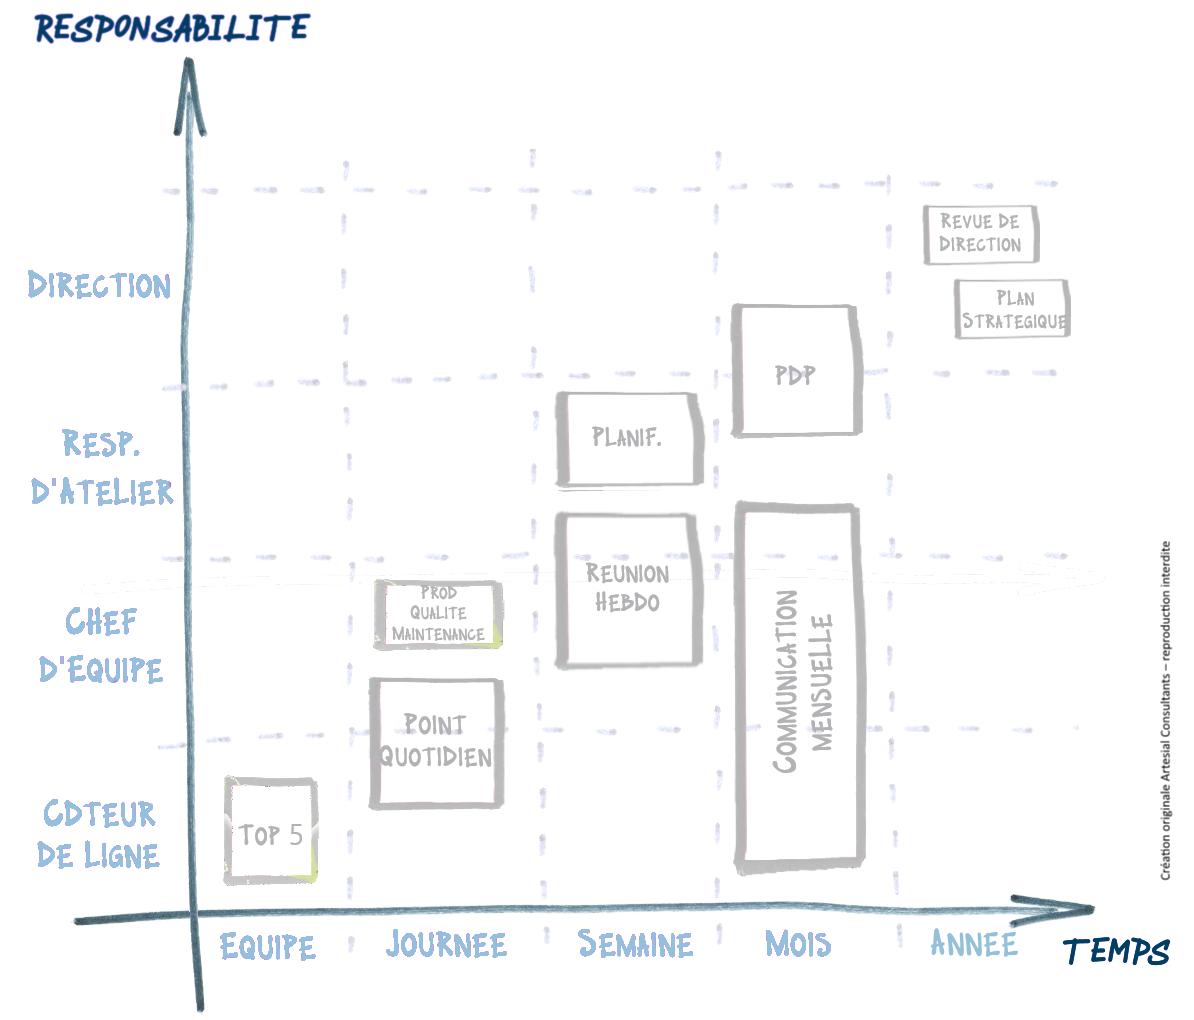 Cartographie des rituels de Management